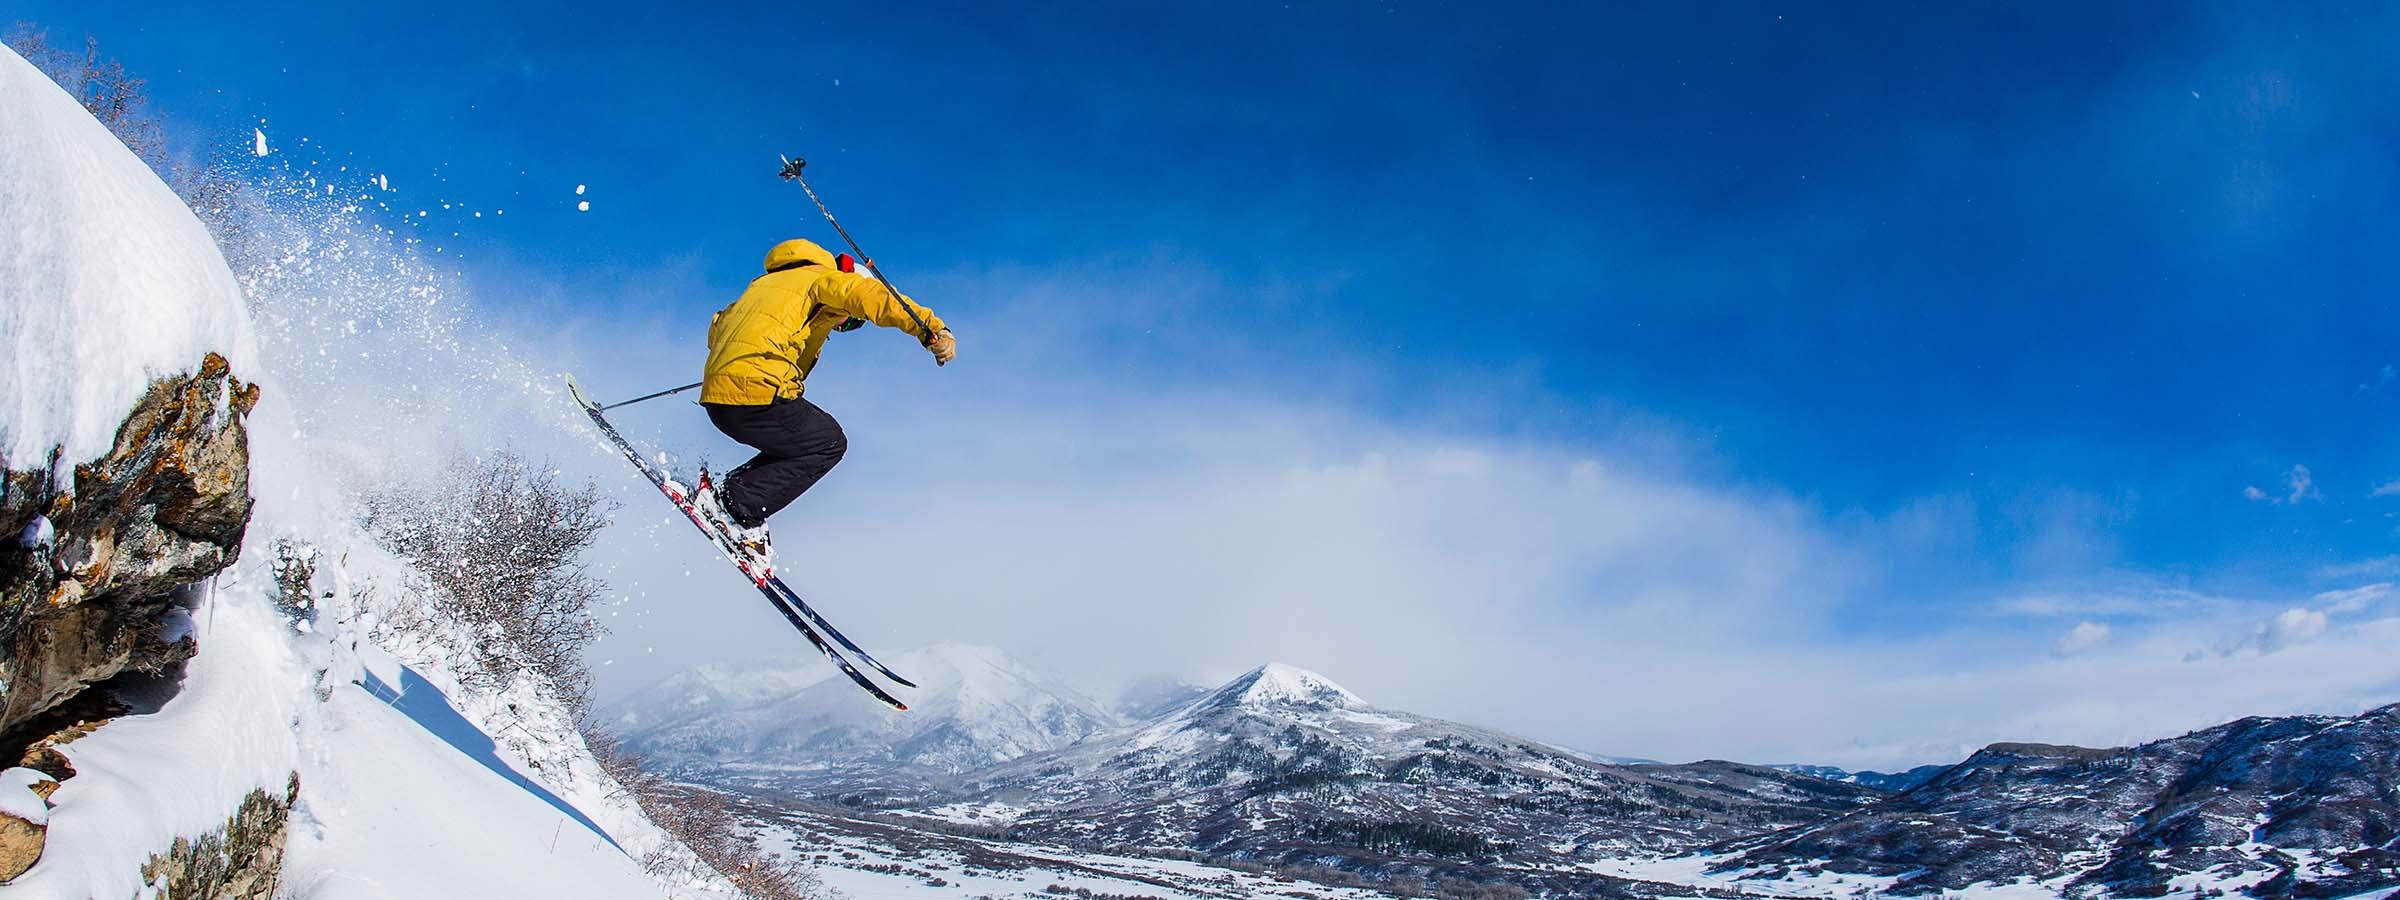 Nasja Snowsports Journalists Association